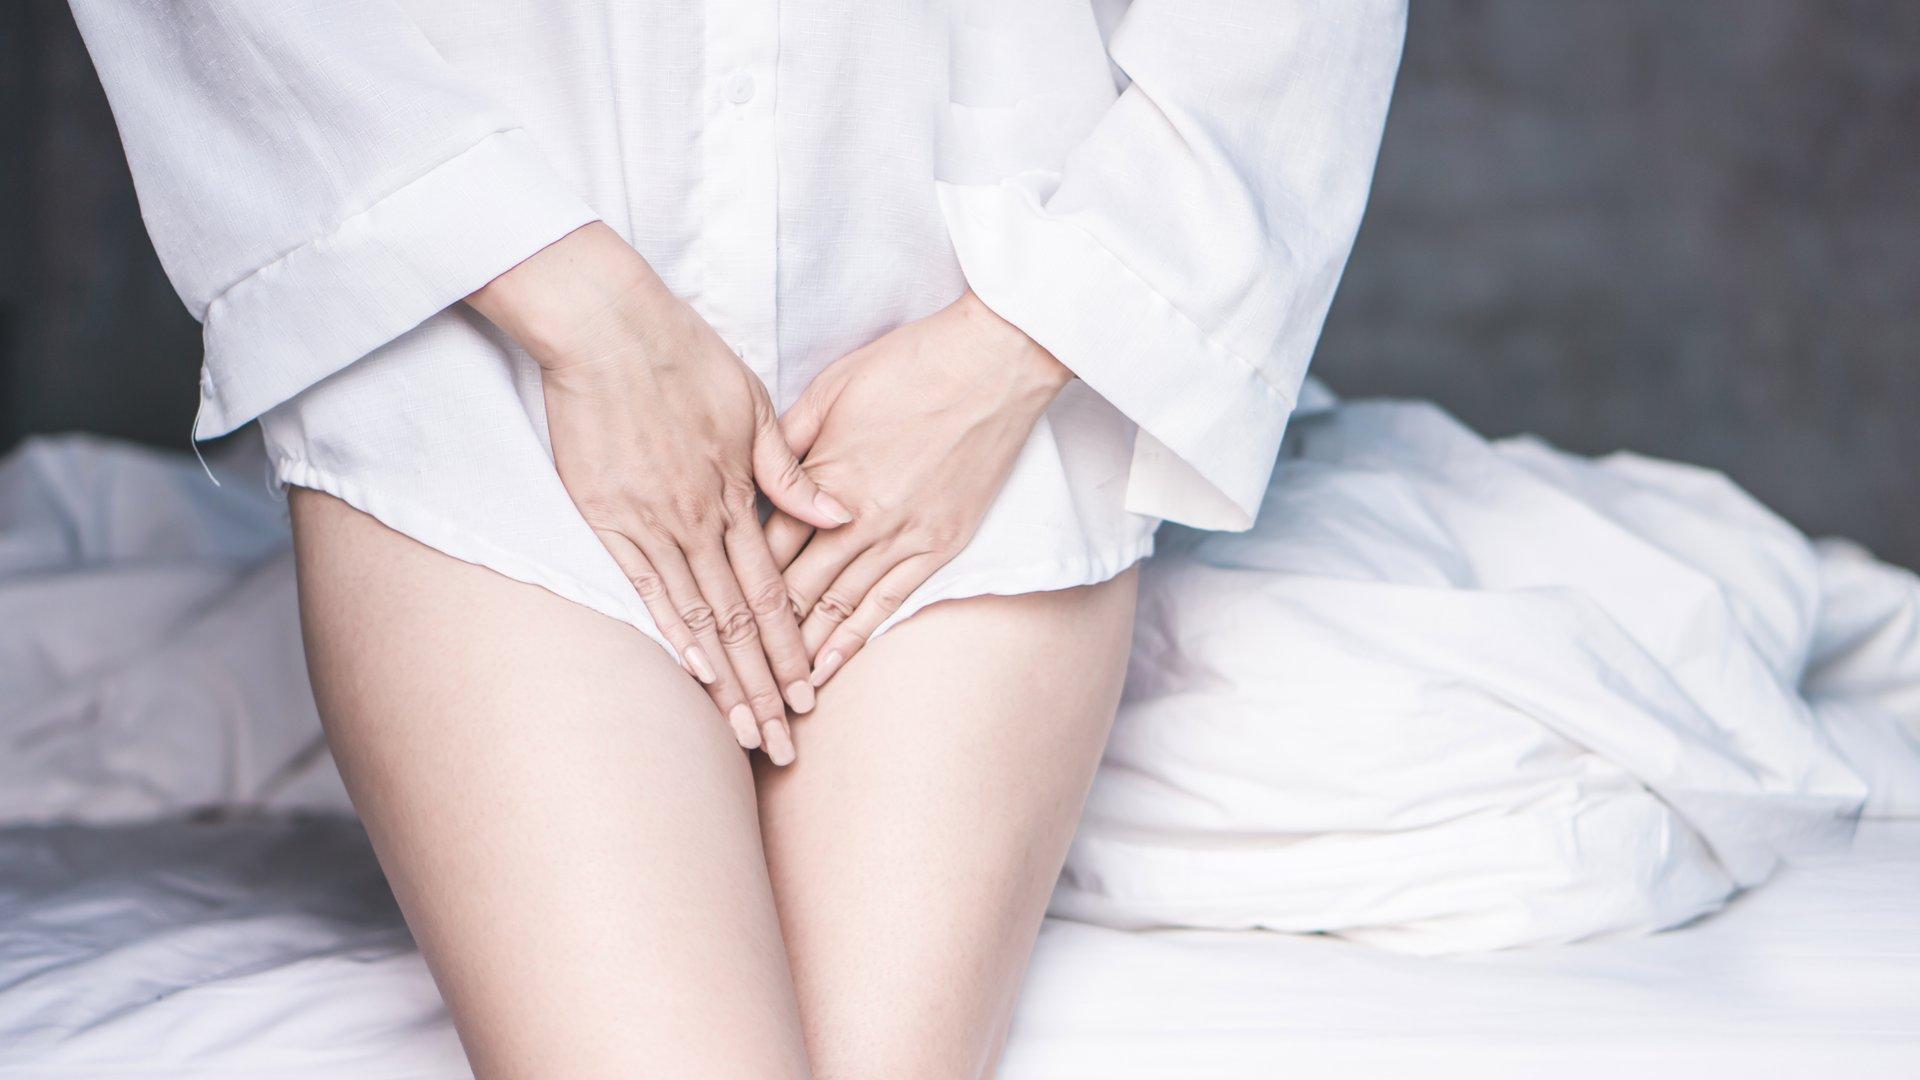 Viel zervixschleim schwanger sehr Zervixschleim: Was